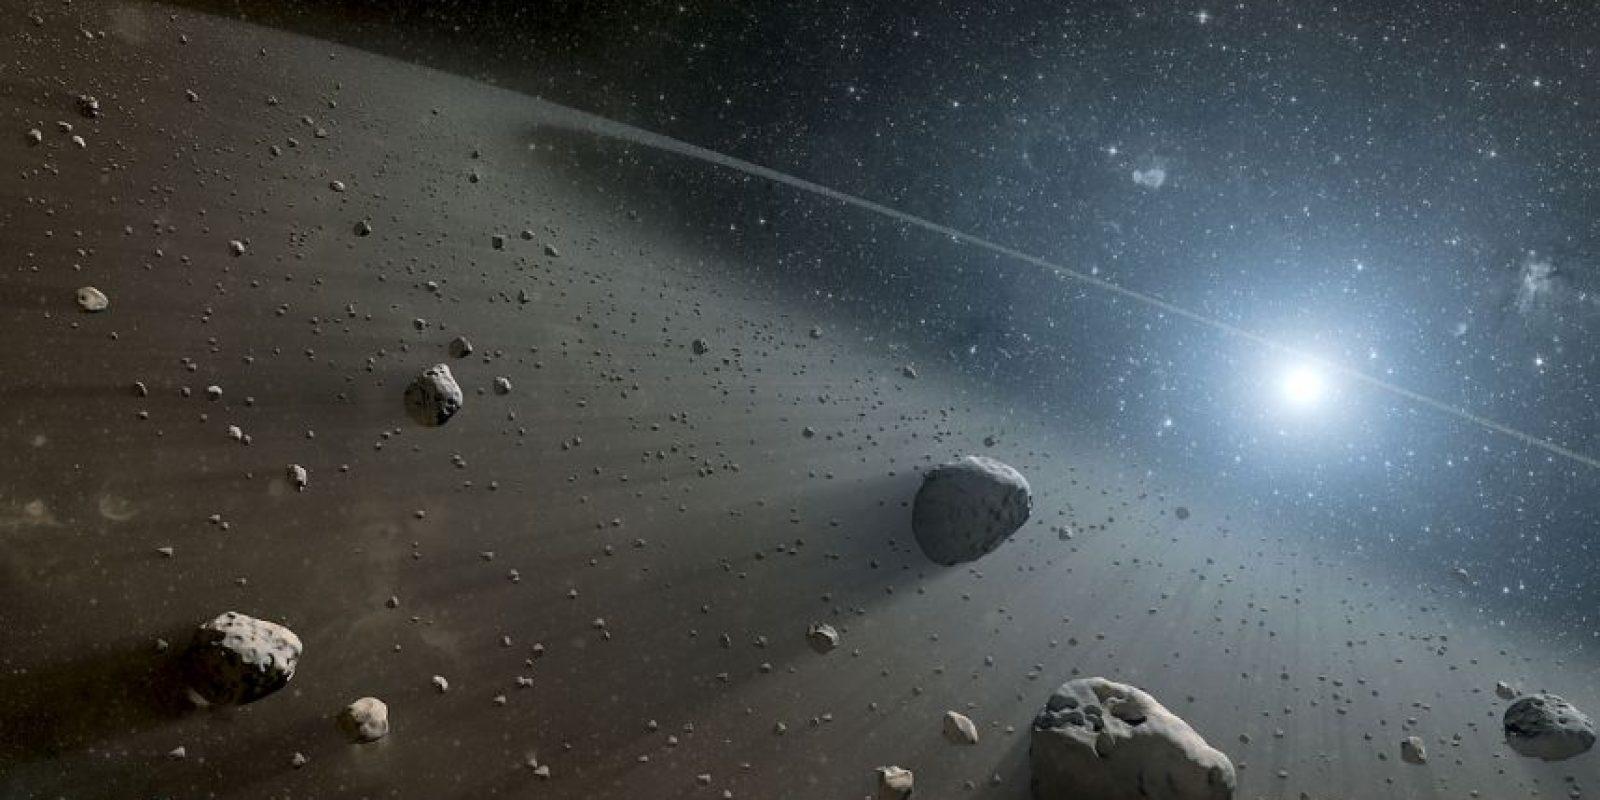 Científicos detectaron que Reino Unido corre riesgo de ser impactado por un asteroide. Foto:Vía .wikimedia.org